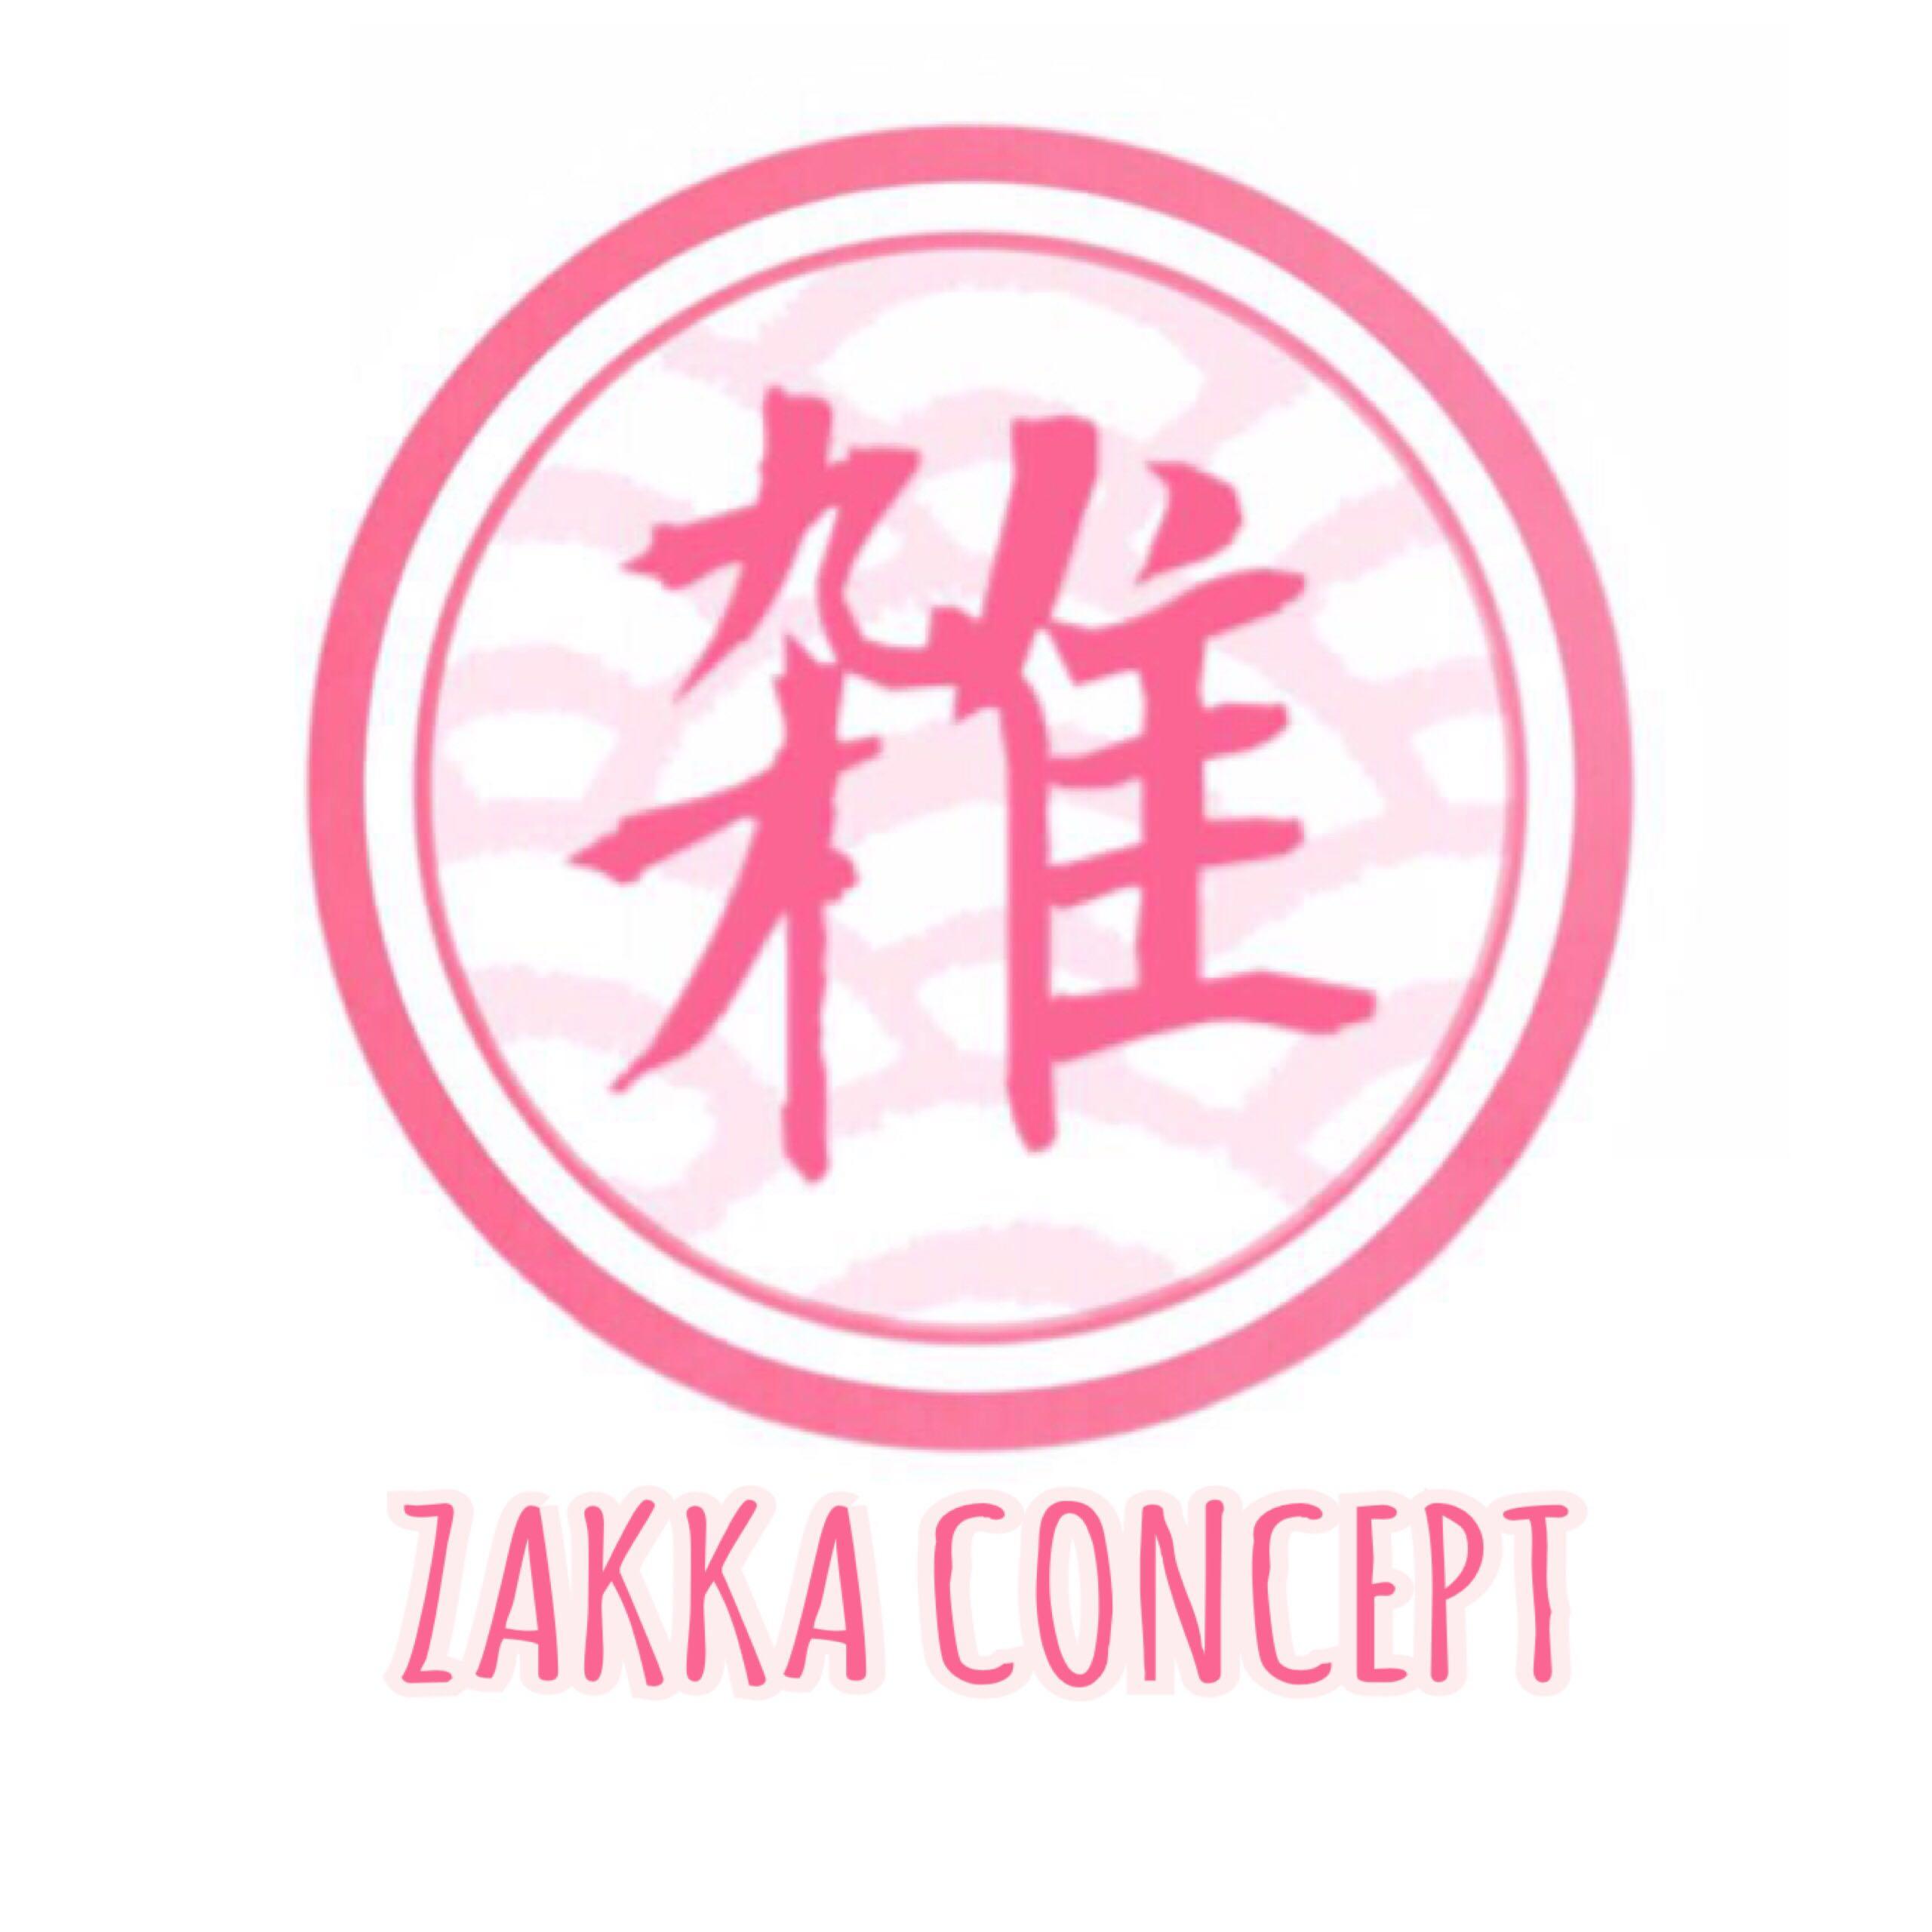 zakkaconcept